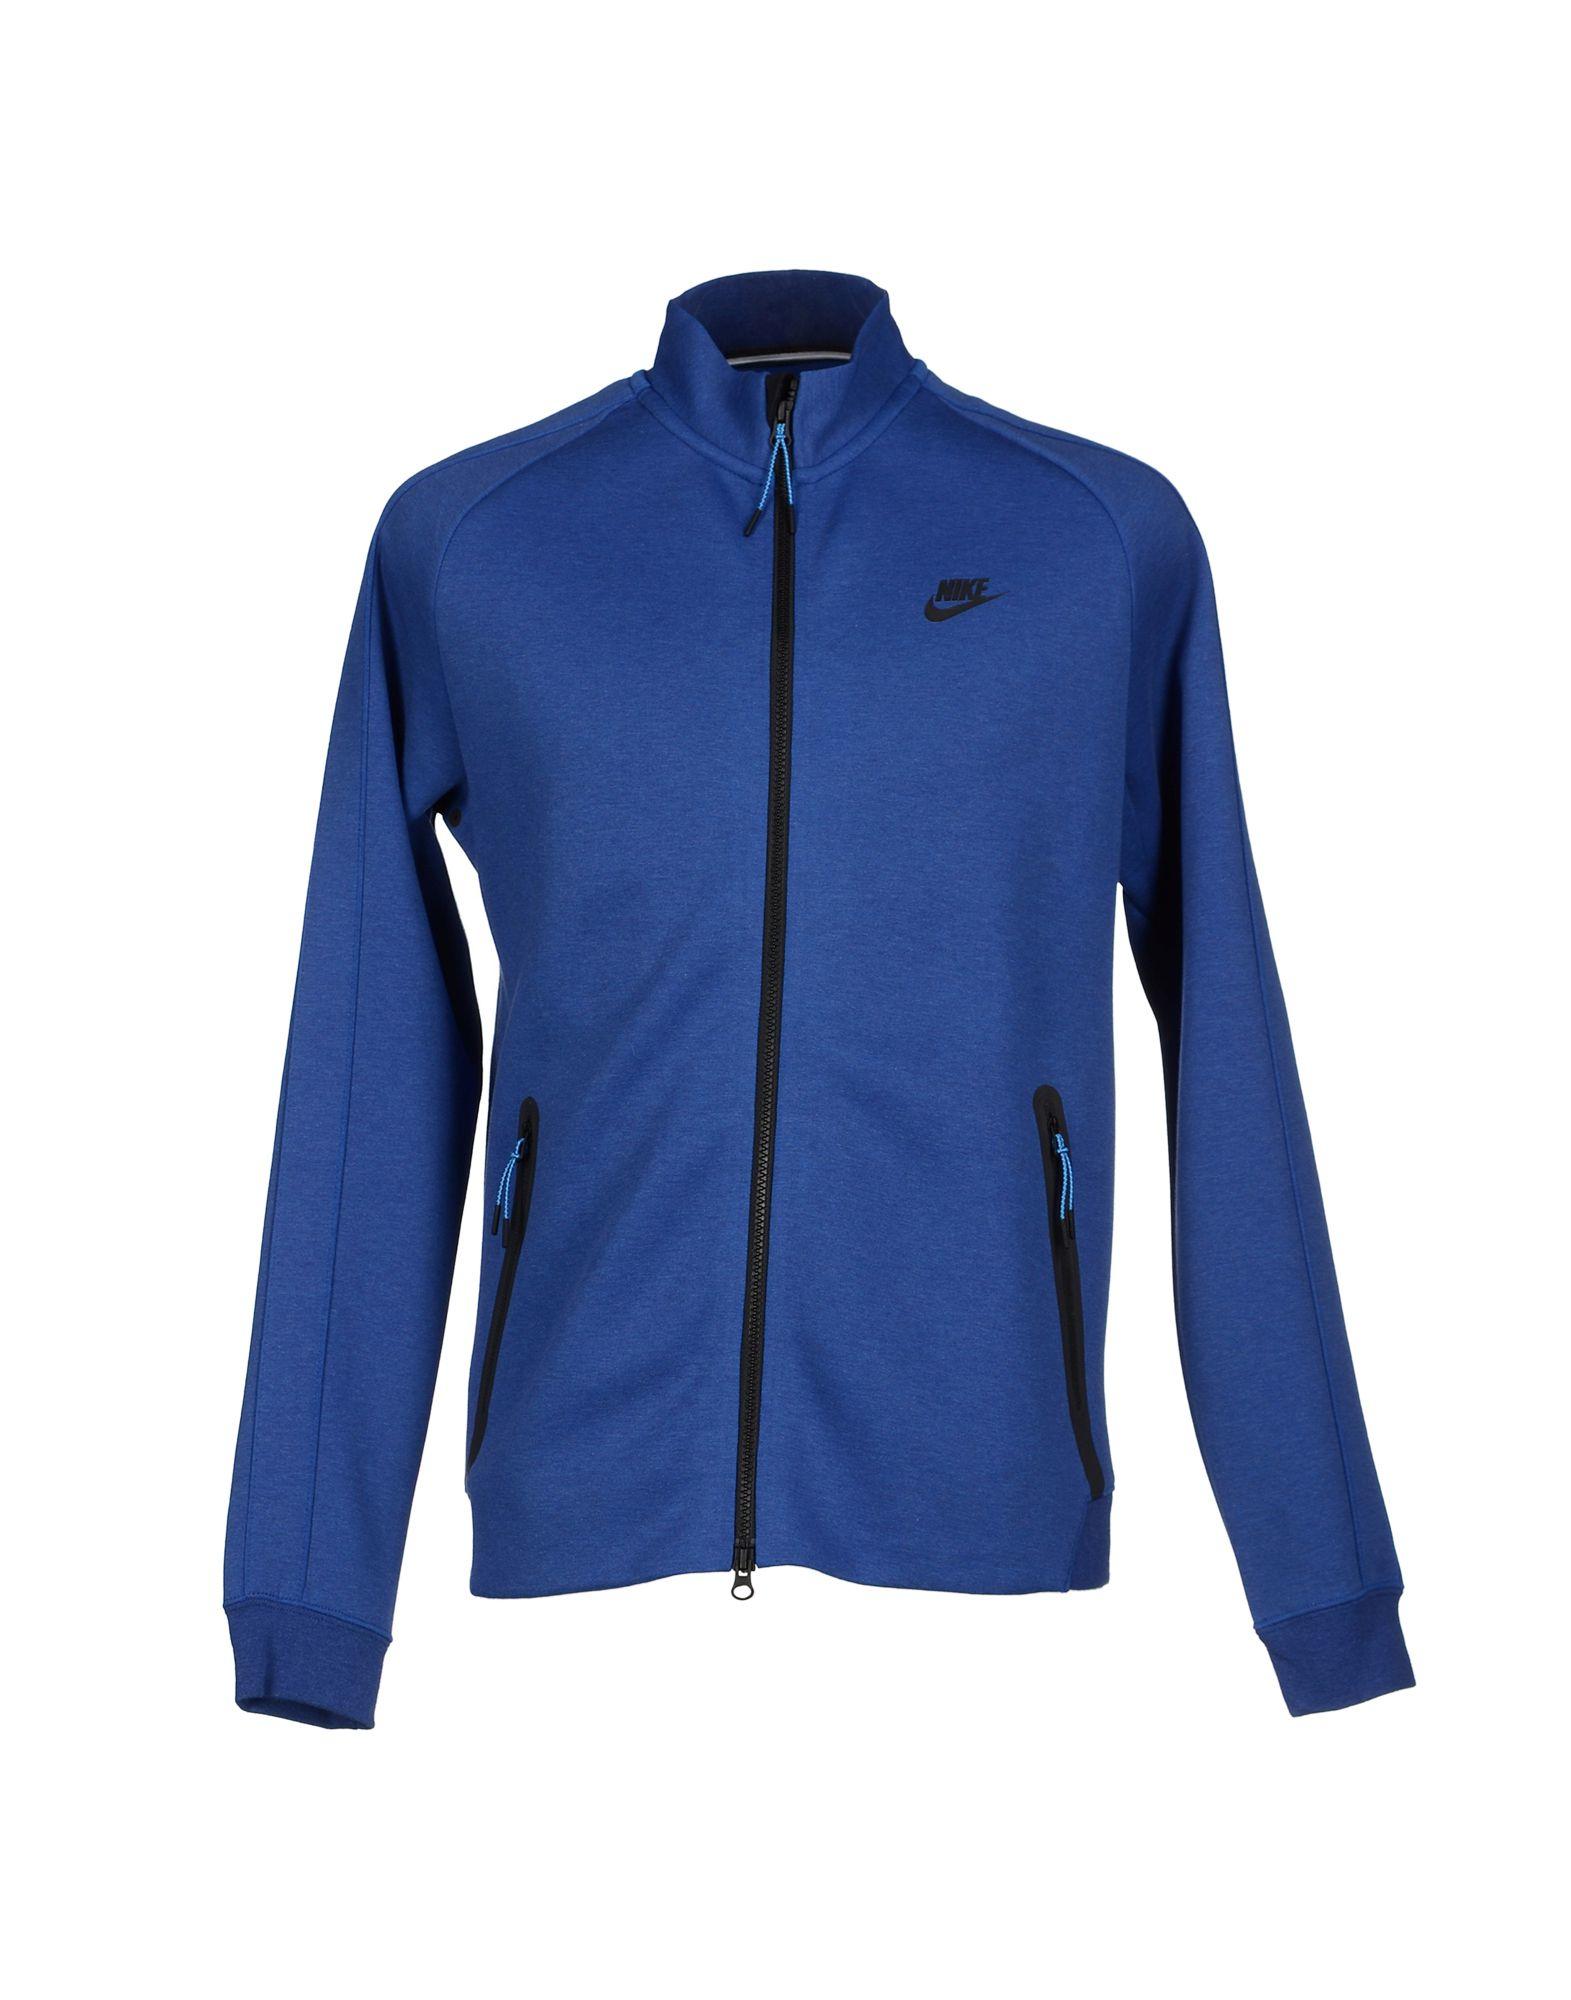 Blue nike hoodies